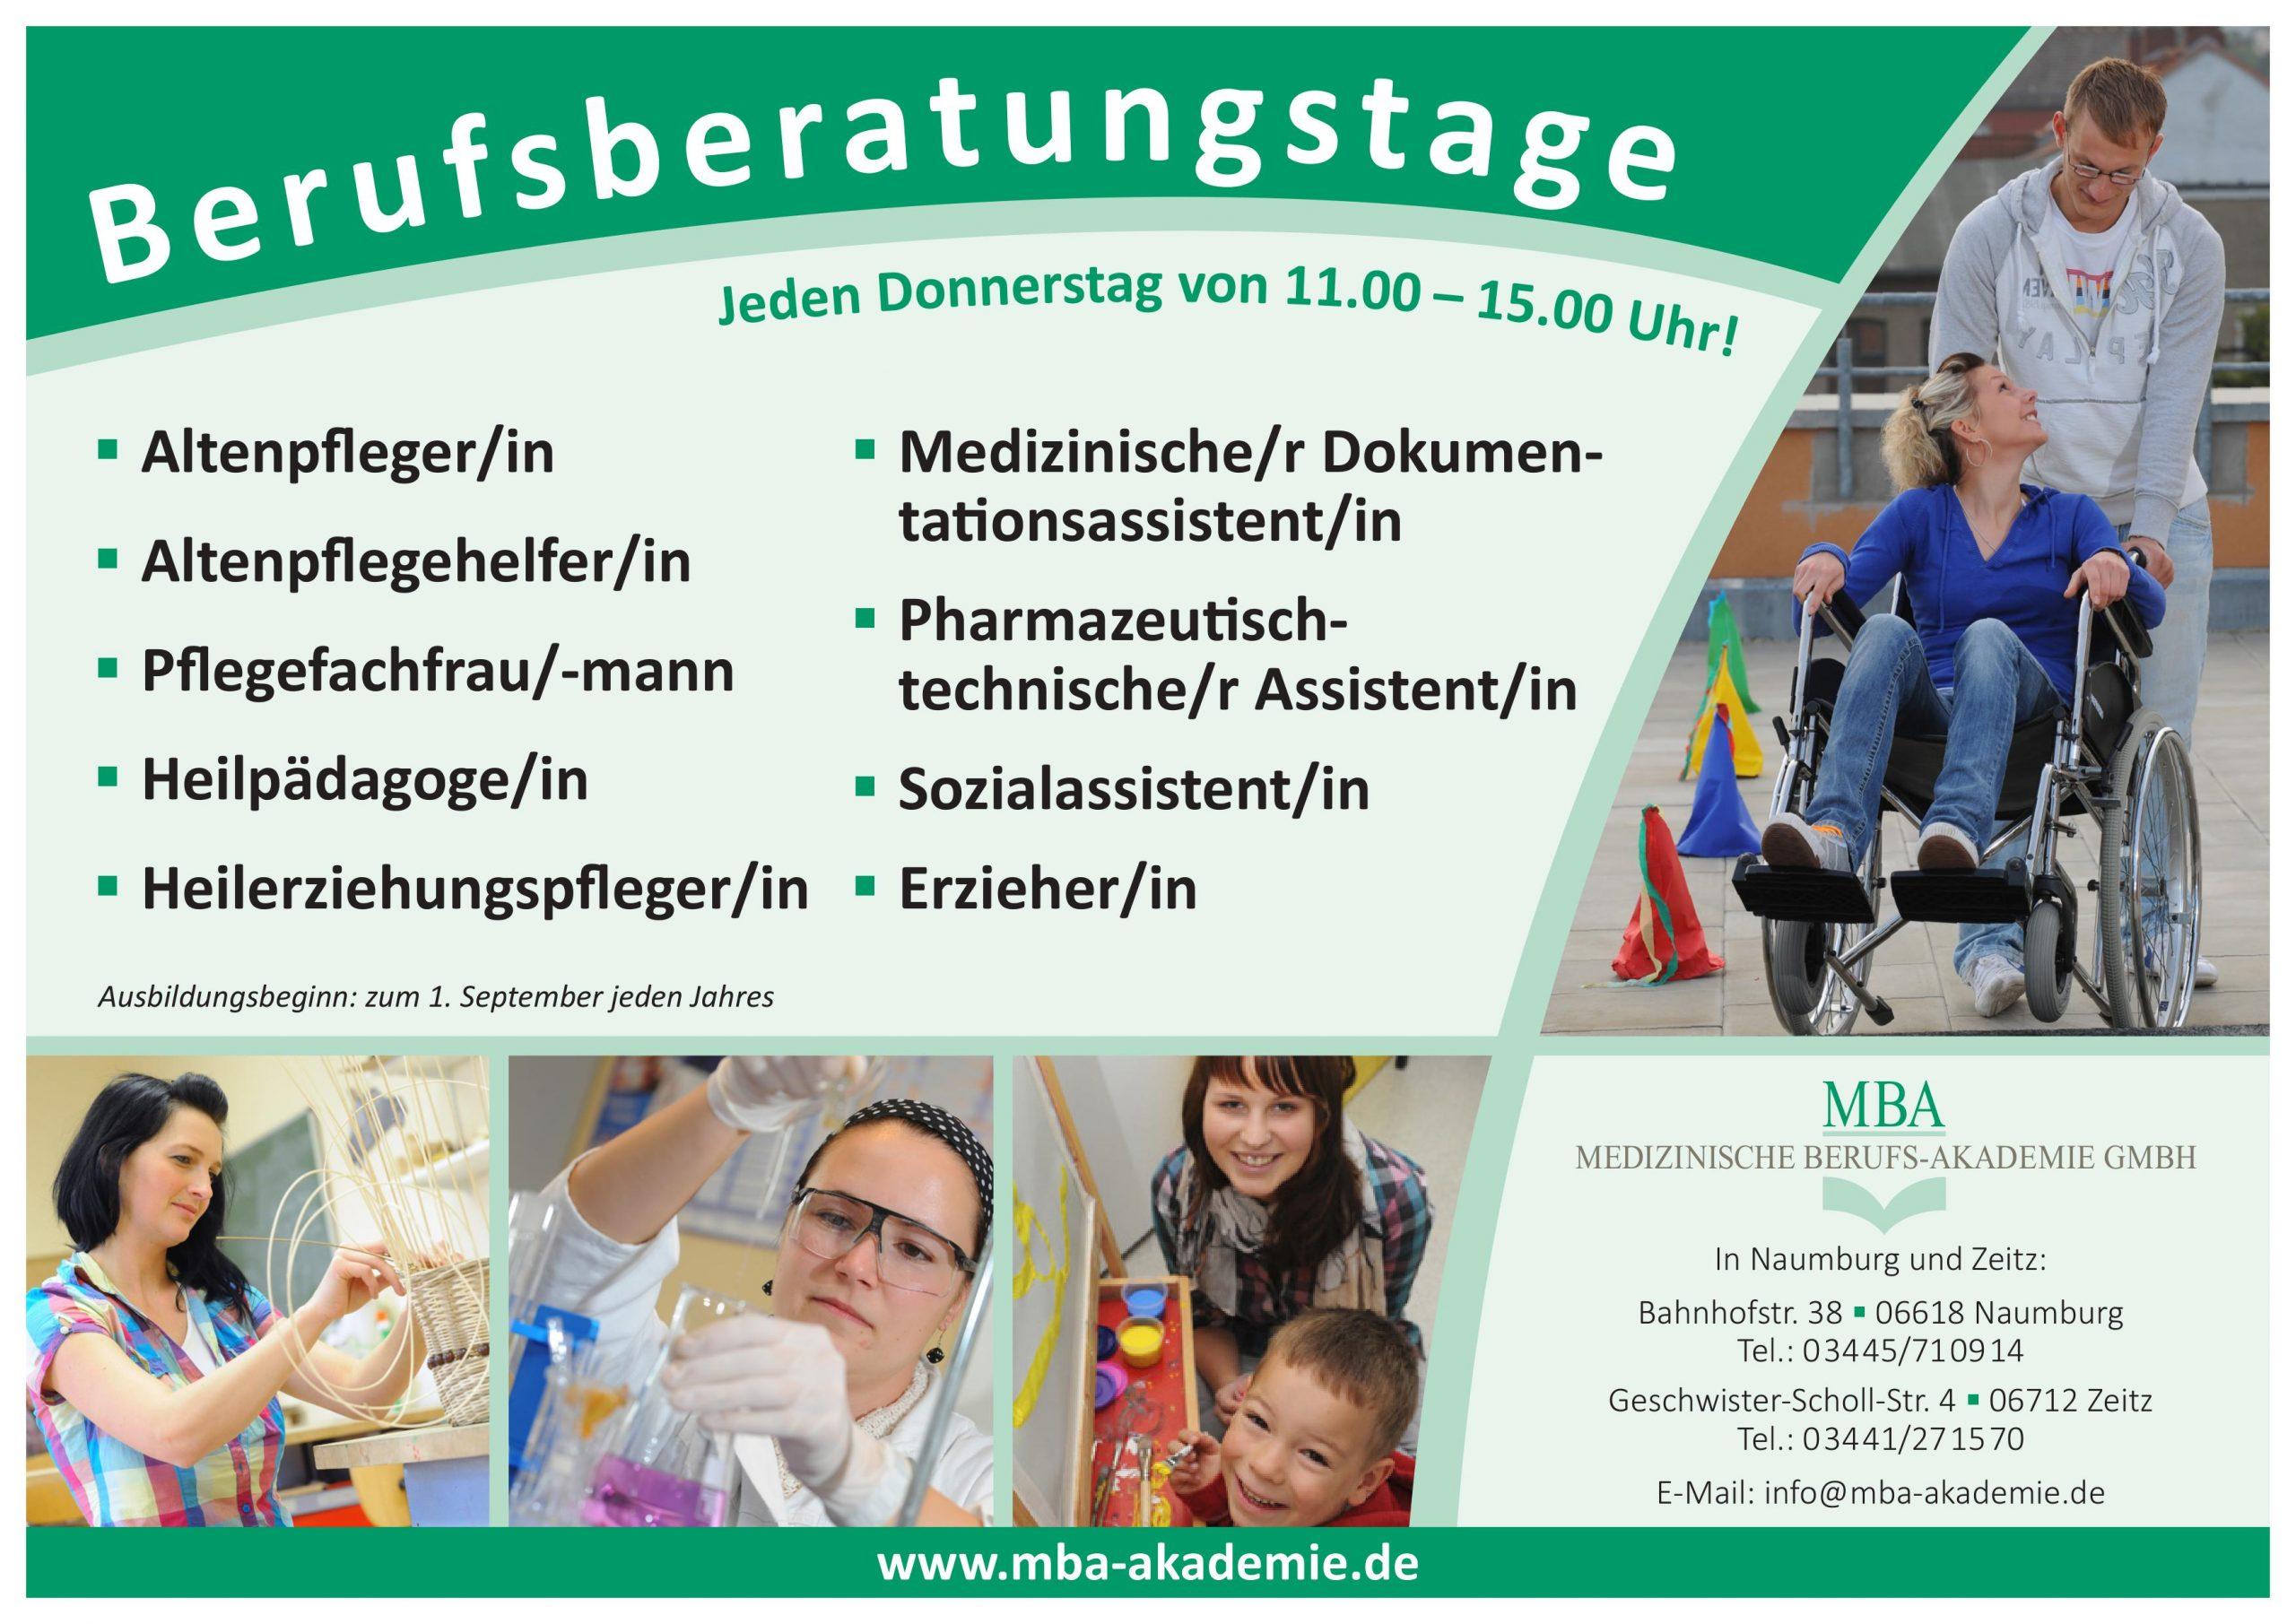 Berufsberatungstage MBA Naumburg